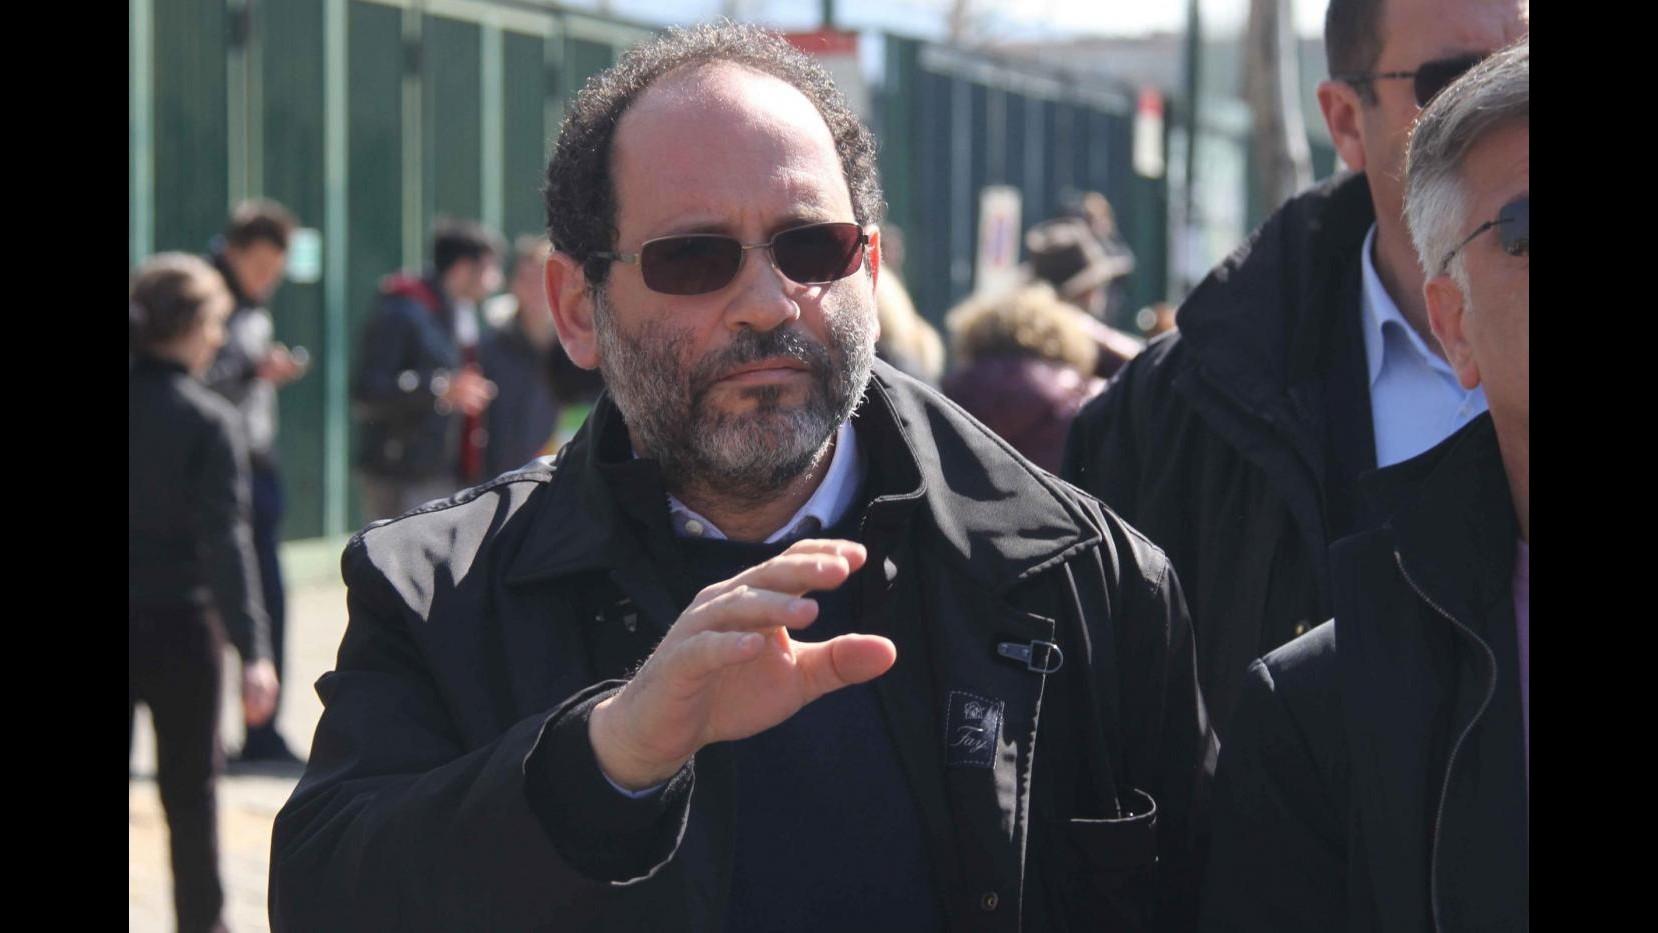 Stato-mafia, Ingroia: Deposizione Napolitano? Occasione mancata